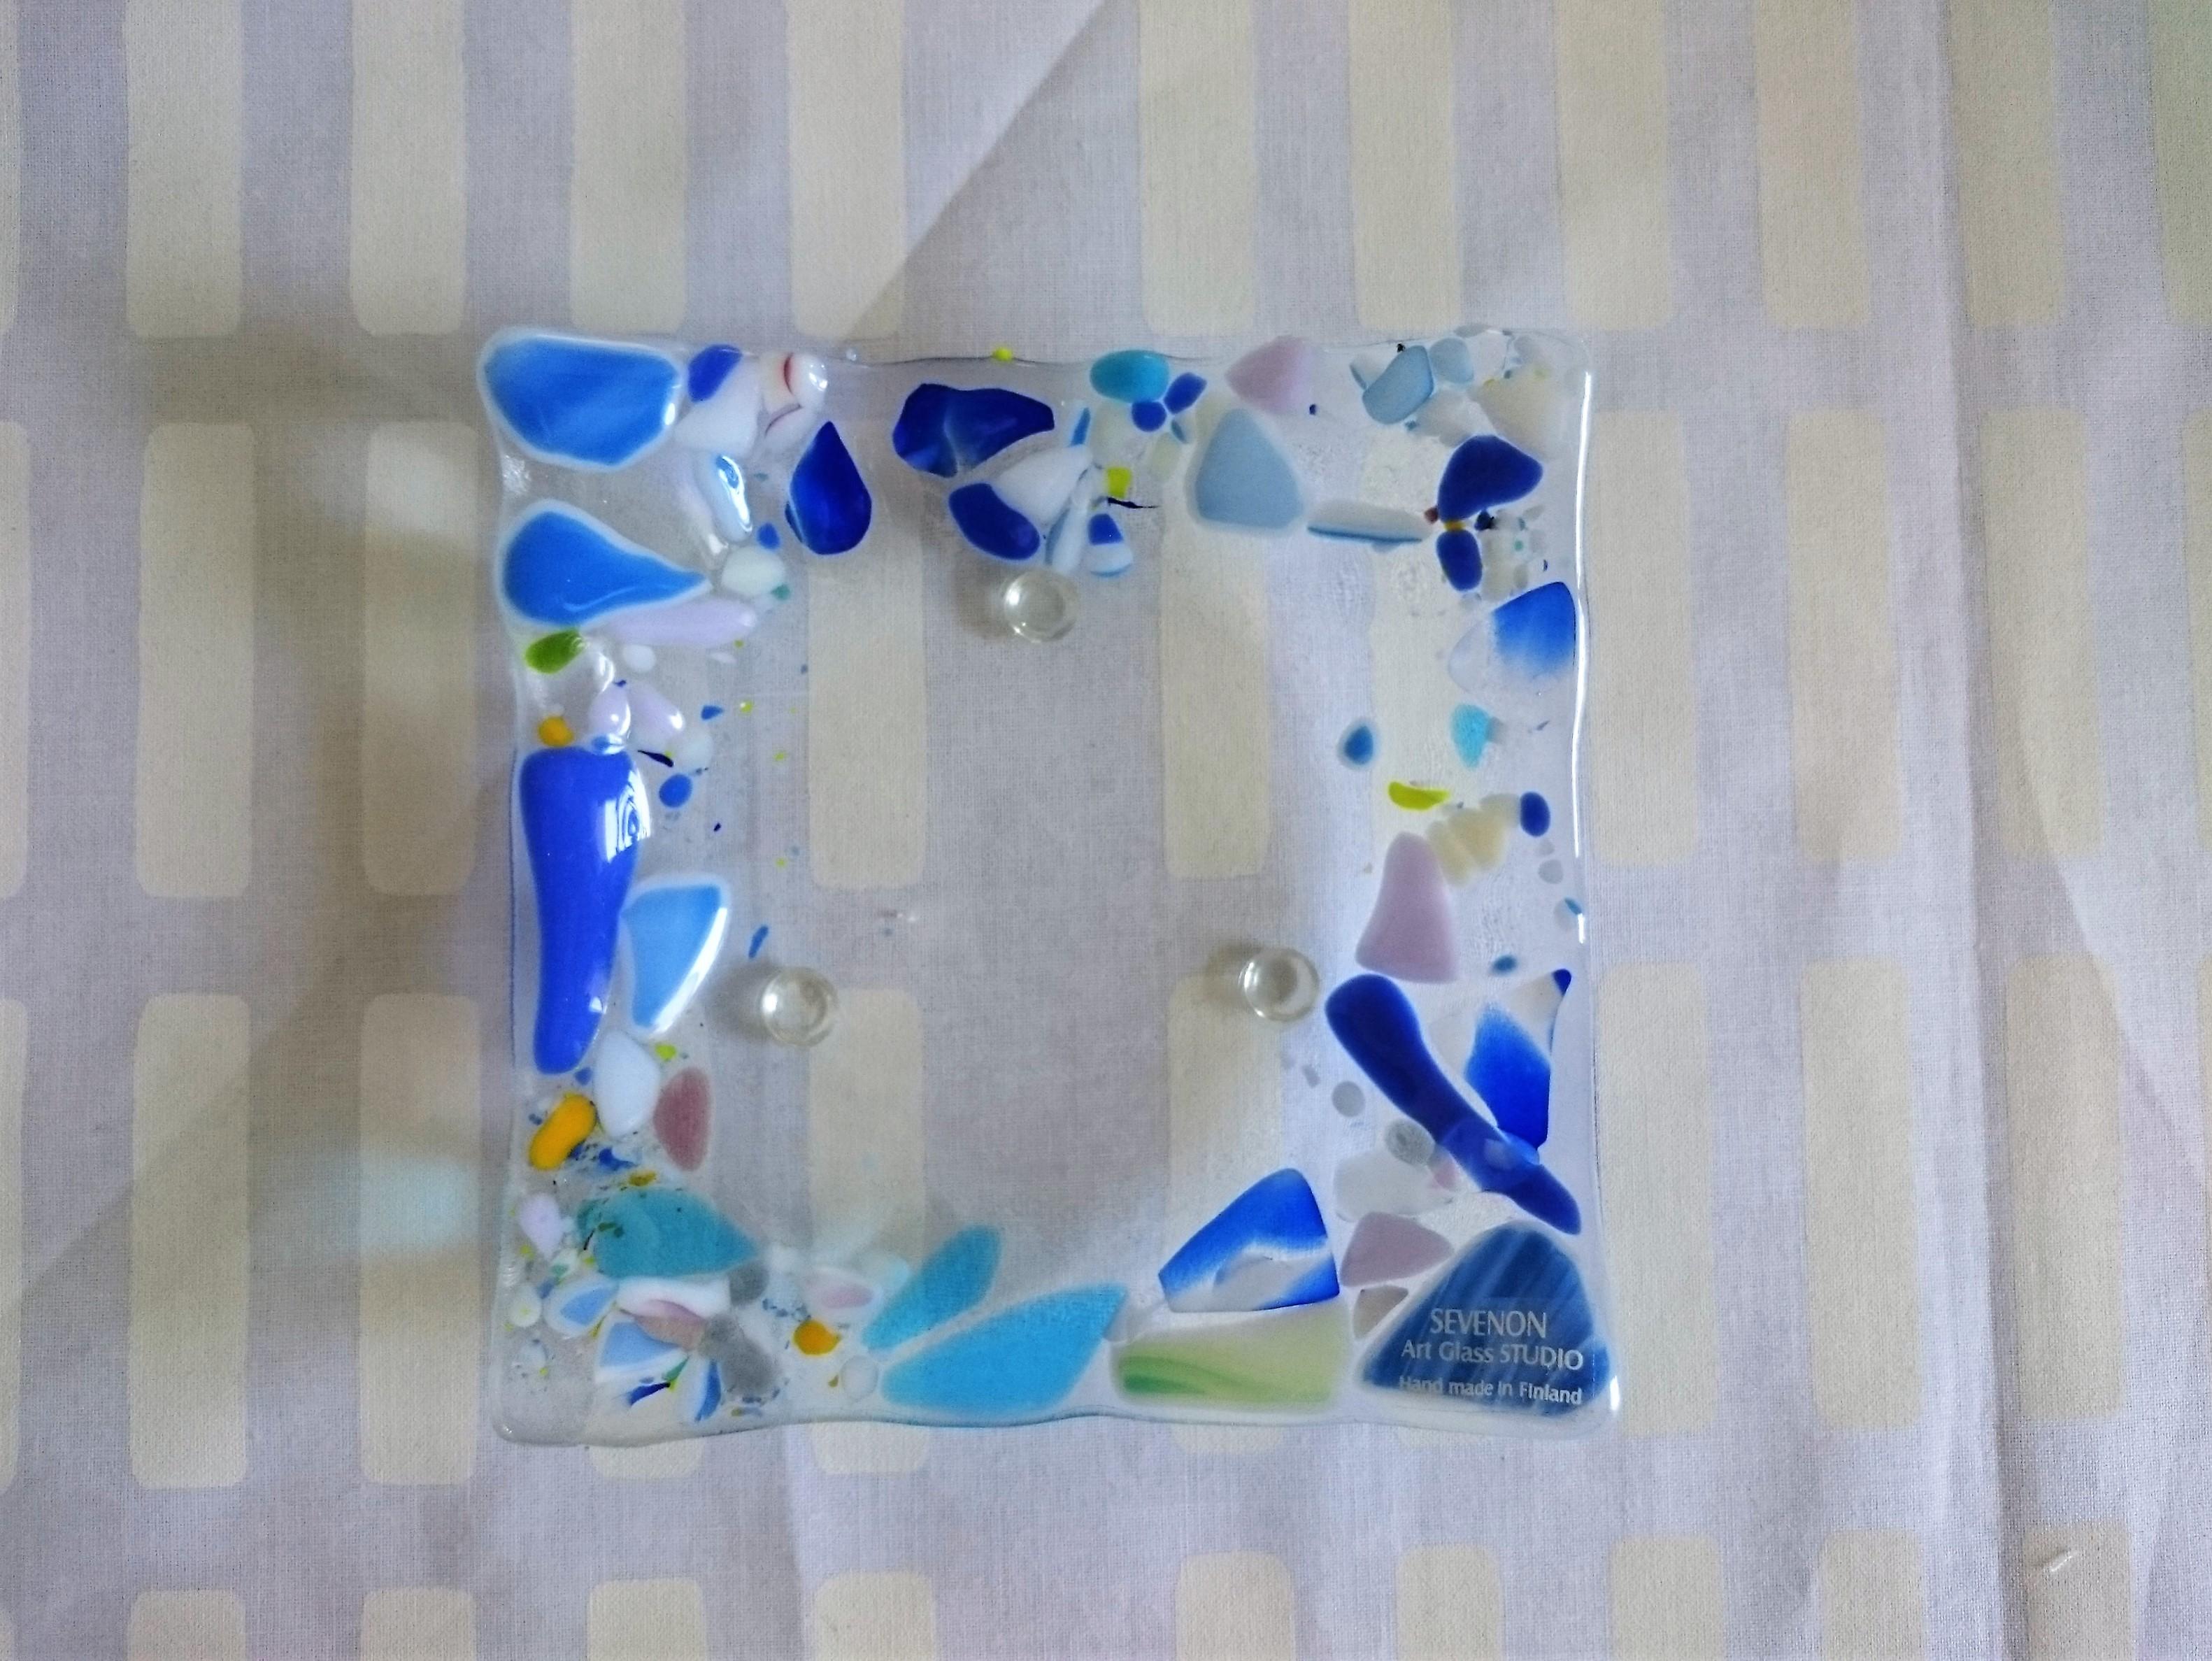 フィンランド製 ガラスデザインプレート  / SEVENON Art Glass STUDIO / 北欧の夏色